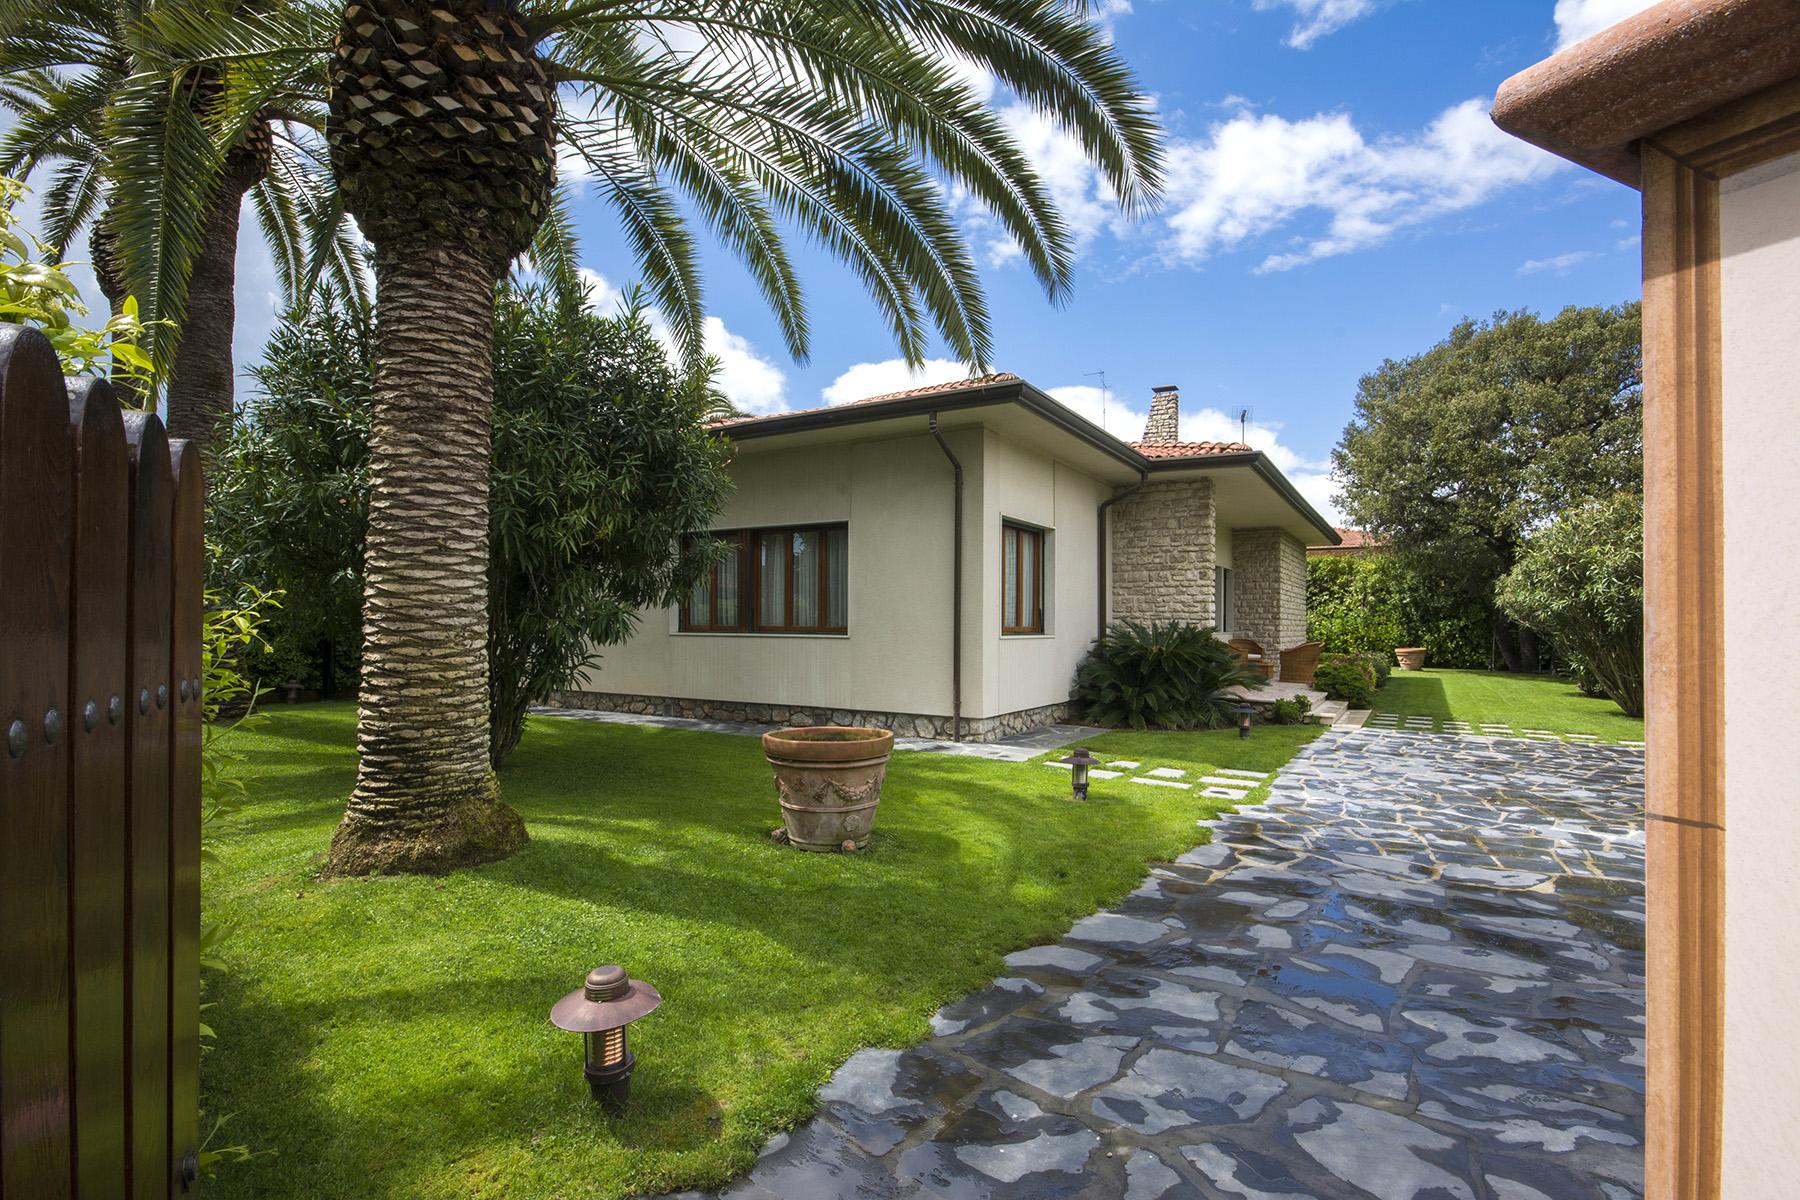 Villa in Vendita a Forte Dei Marmi: 5 locali, 229 mq - Foto 1